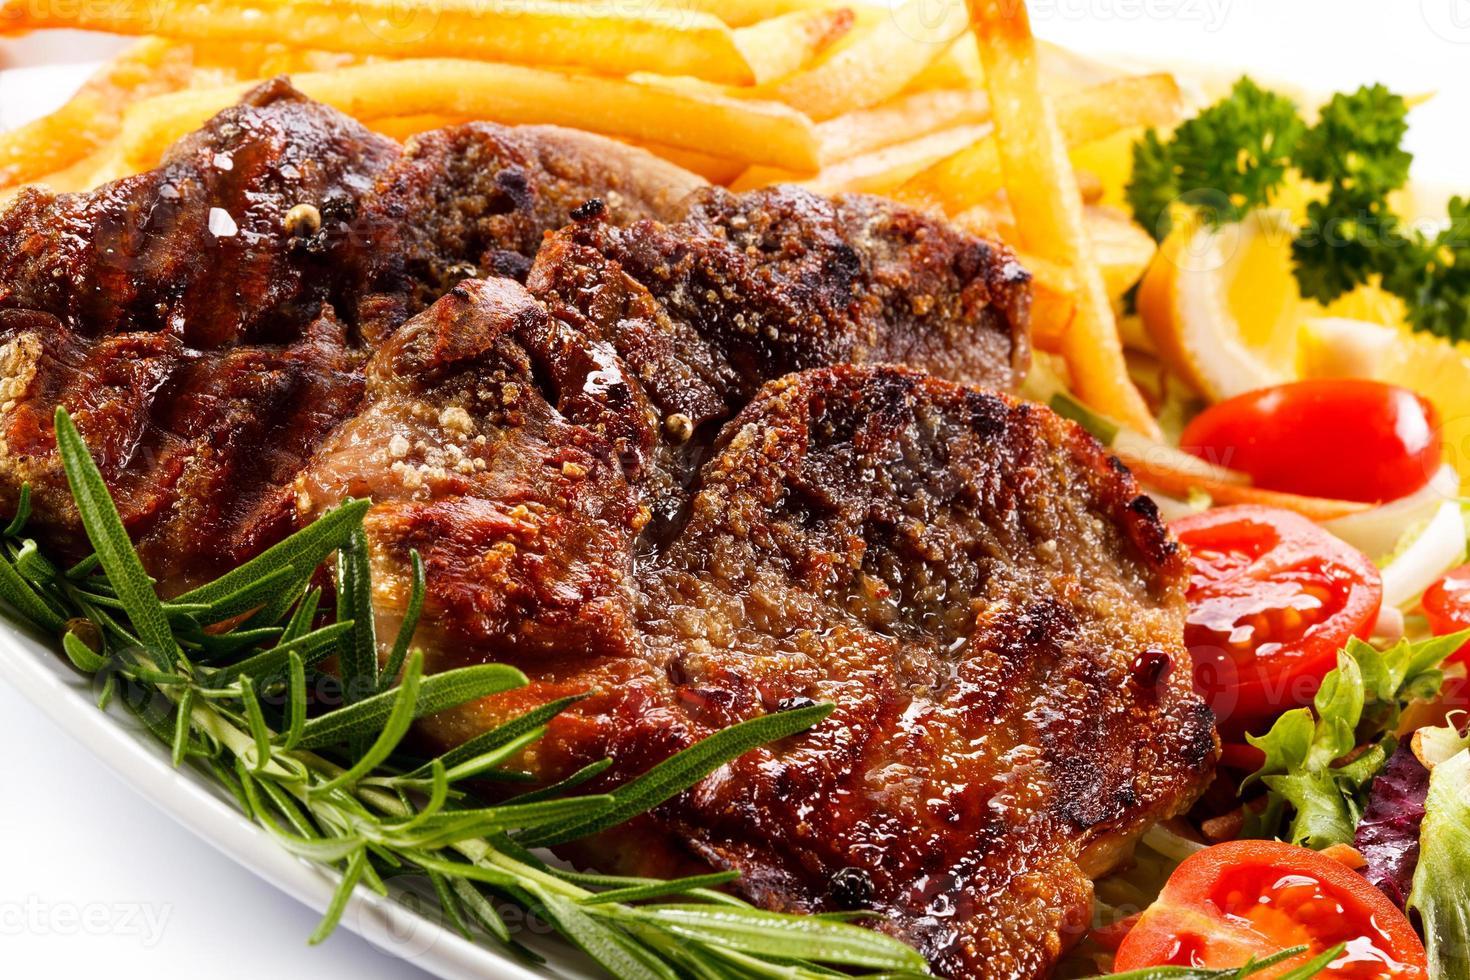 bifes grelhados, batatas fritas e legumes foto